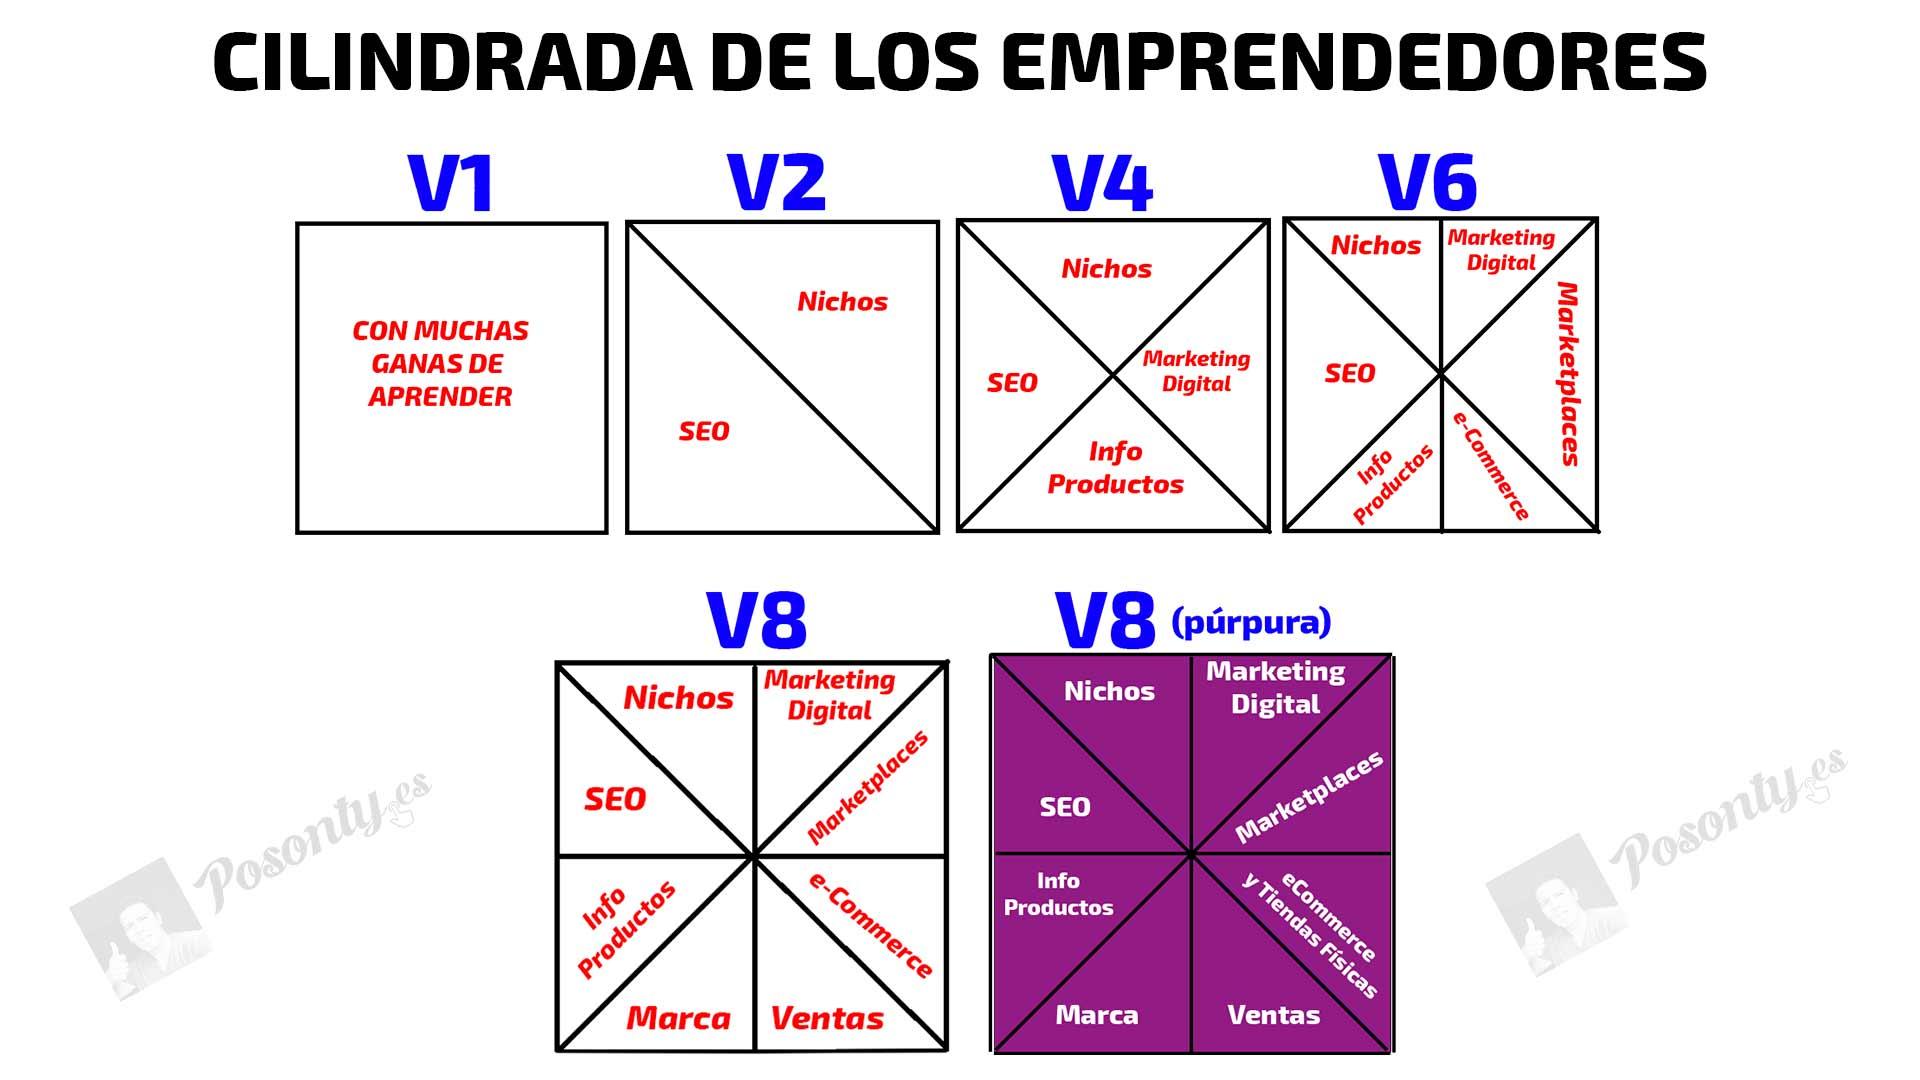 Cilindrada-de-los-emprendedores-v8